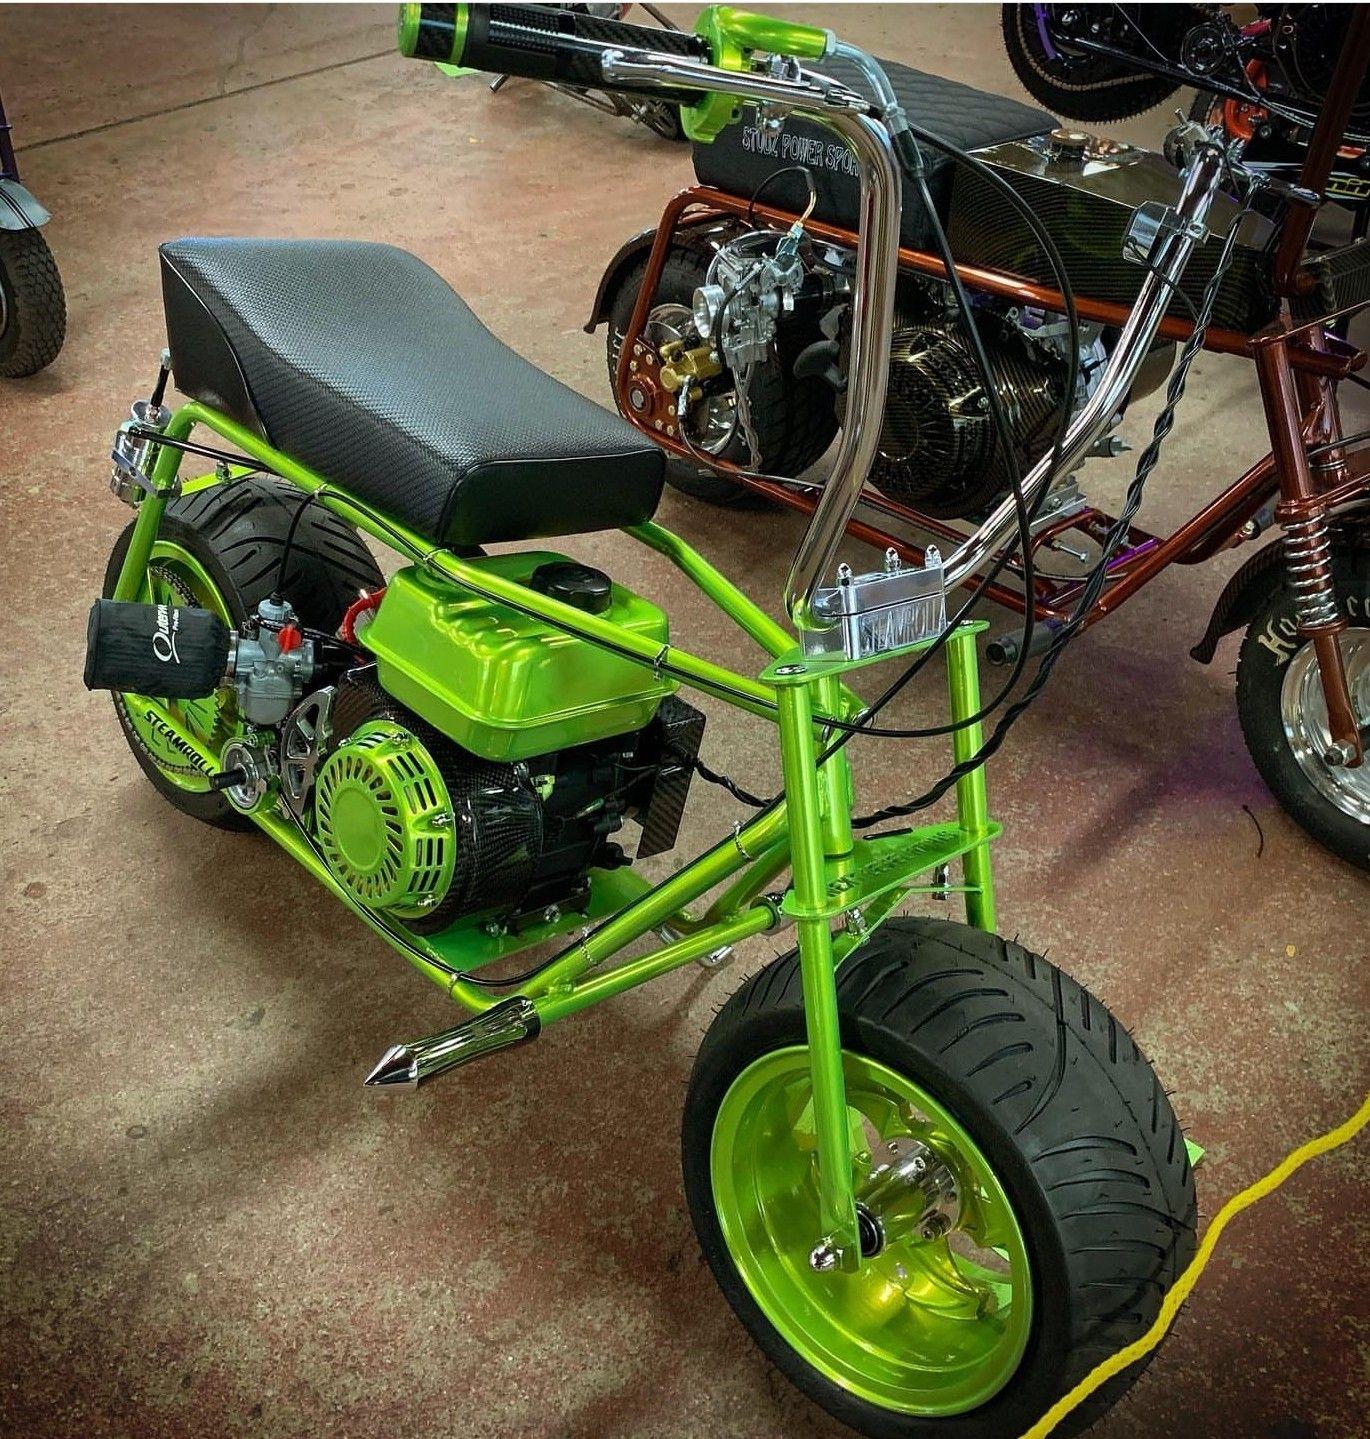 Willen We Maken Custom Mini Bike Diy Go Kart Mini Motorbike